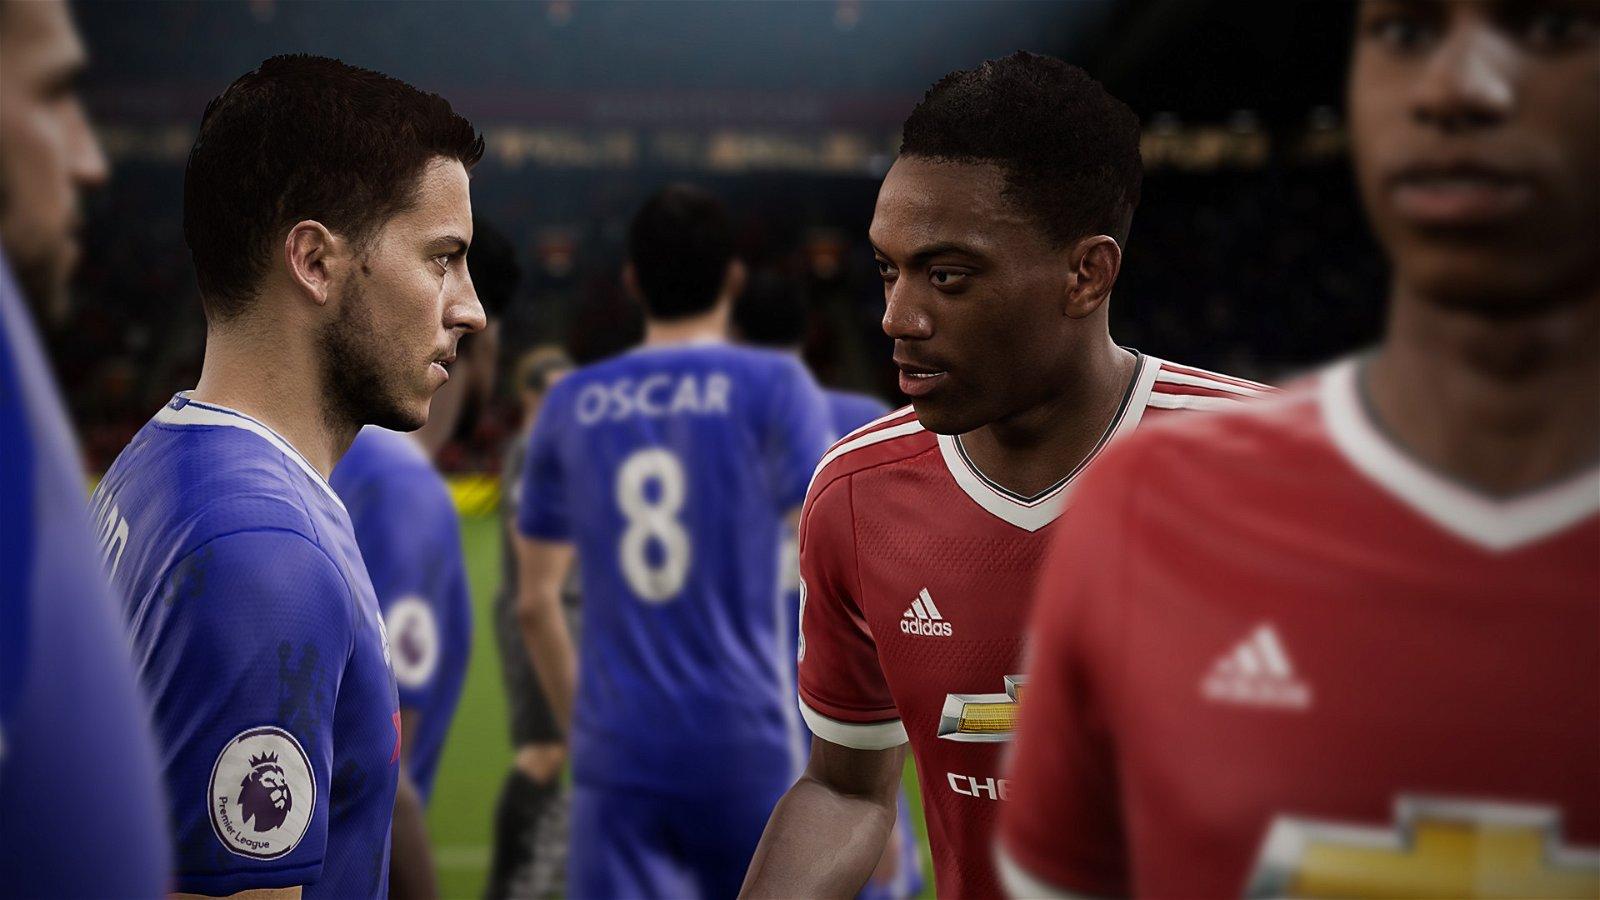 FIFA 17 desquicia a los usuarios que adquieren la versión digital